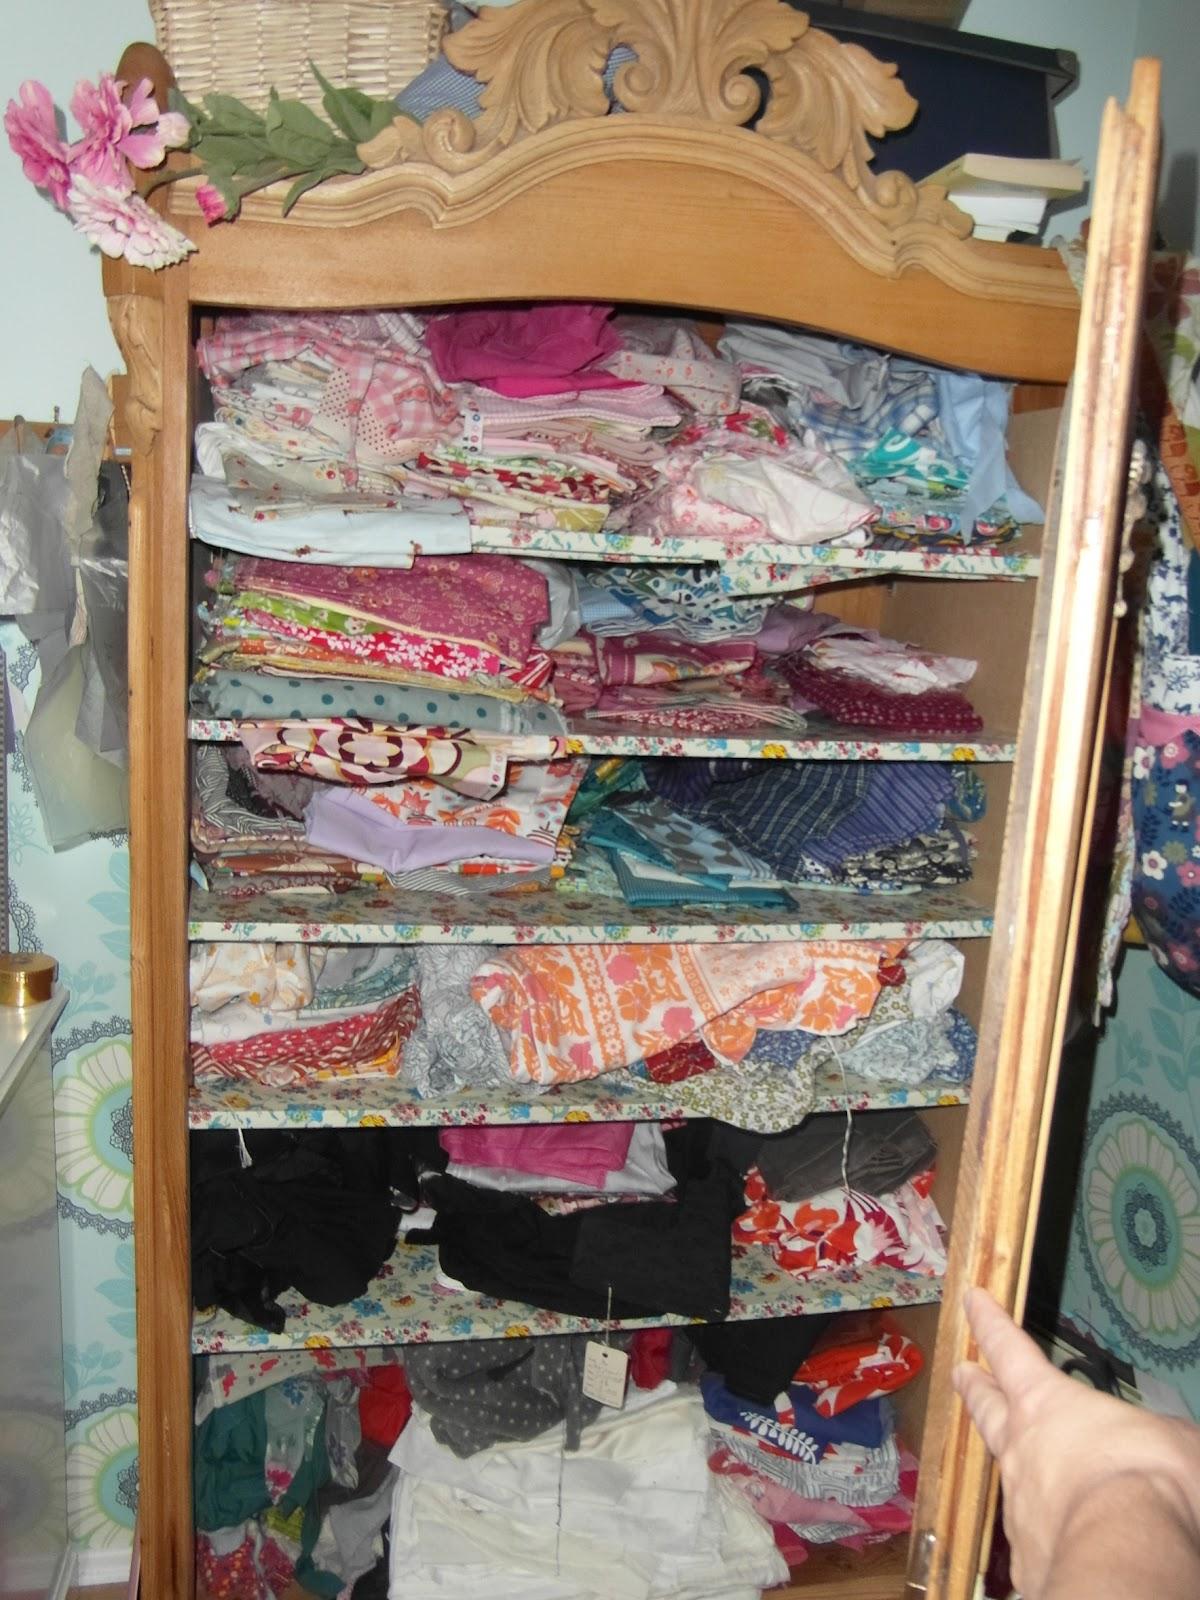 Keller aufräumen mit system  sewing addicted [*naehsucht]: Mein Nähzimmer -aufräumen oder umräumen?